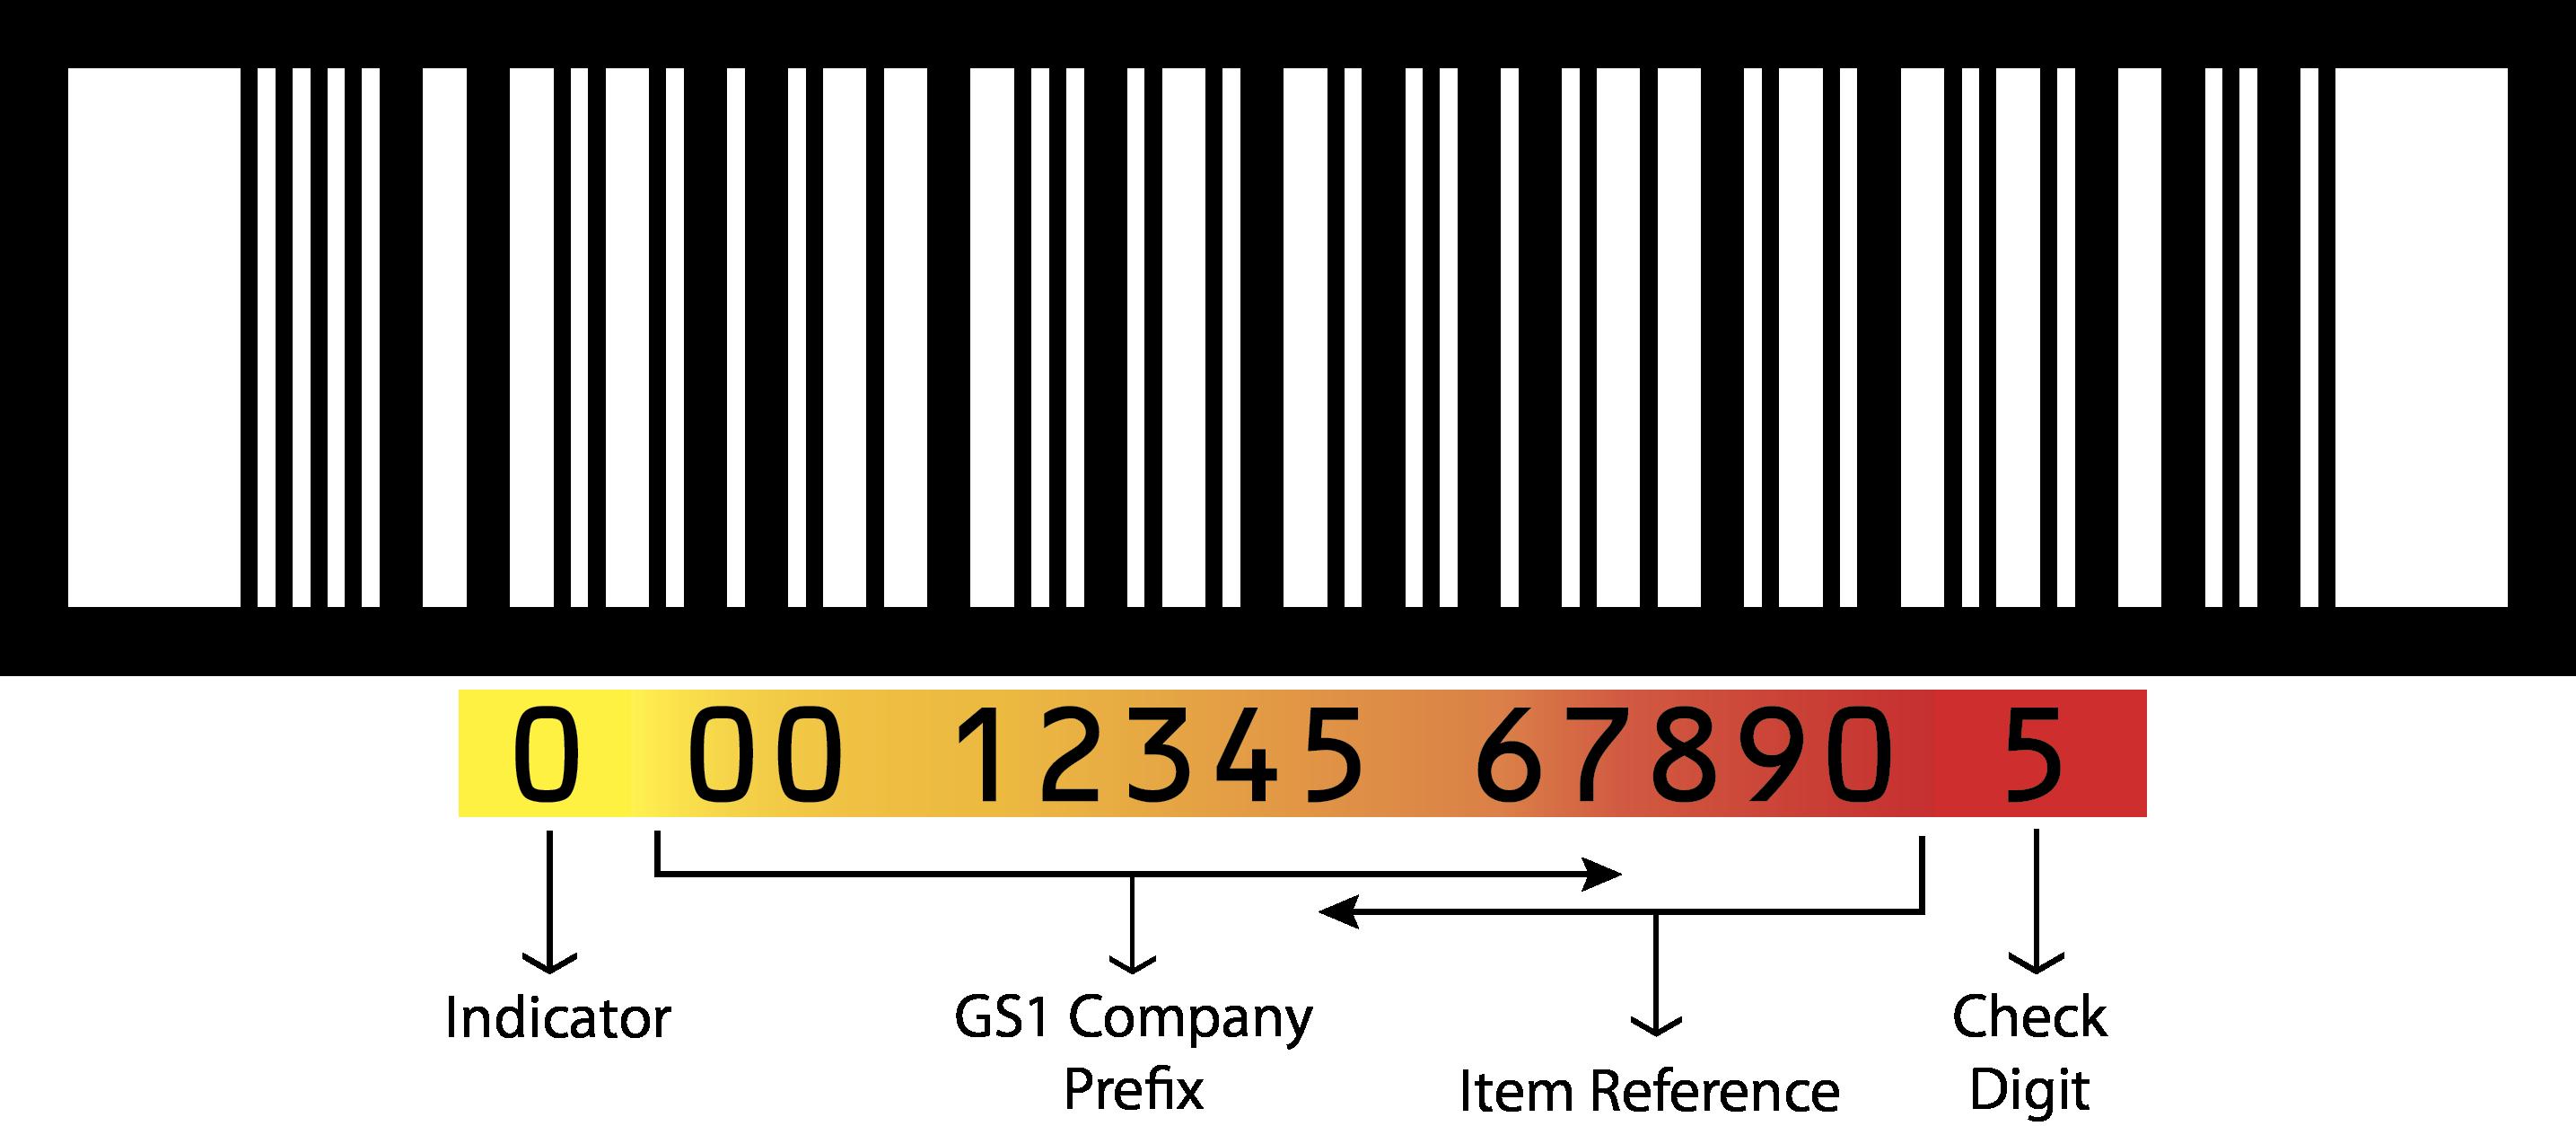 ITF-14 barcode